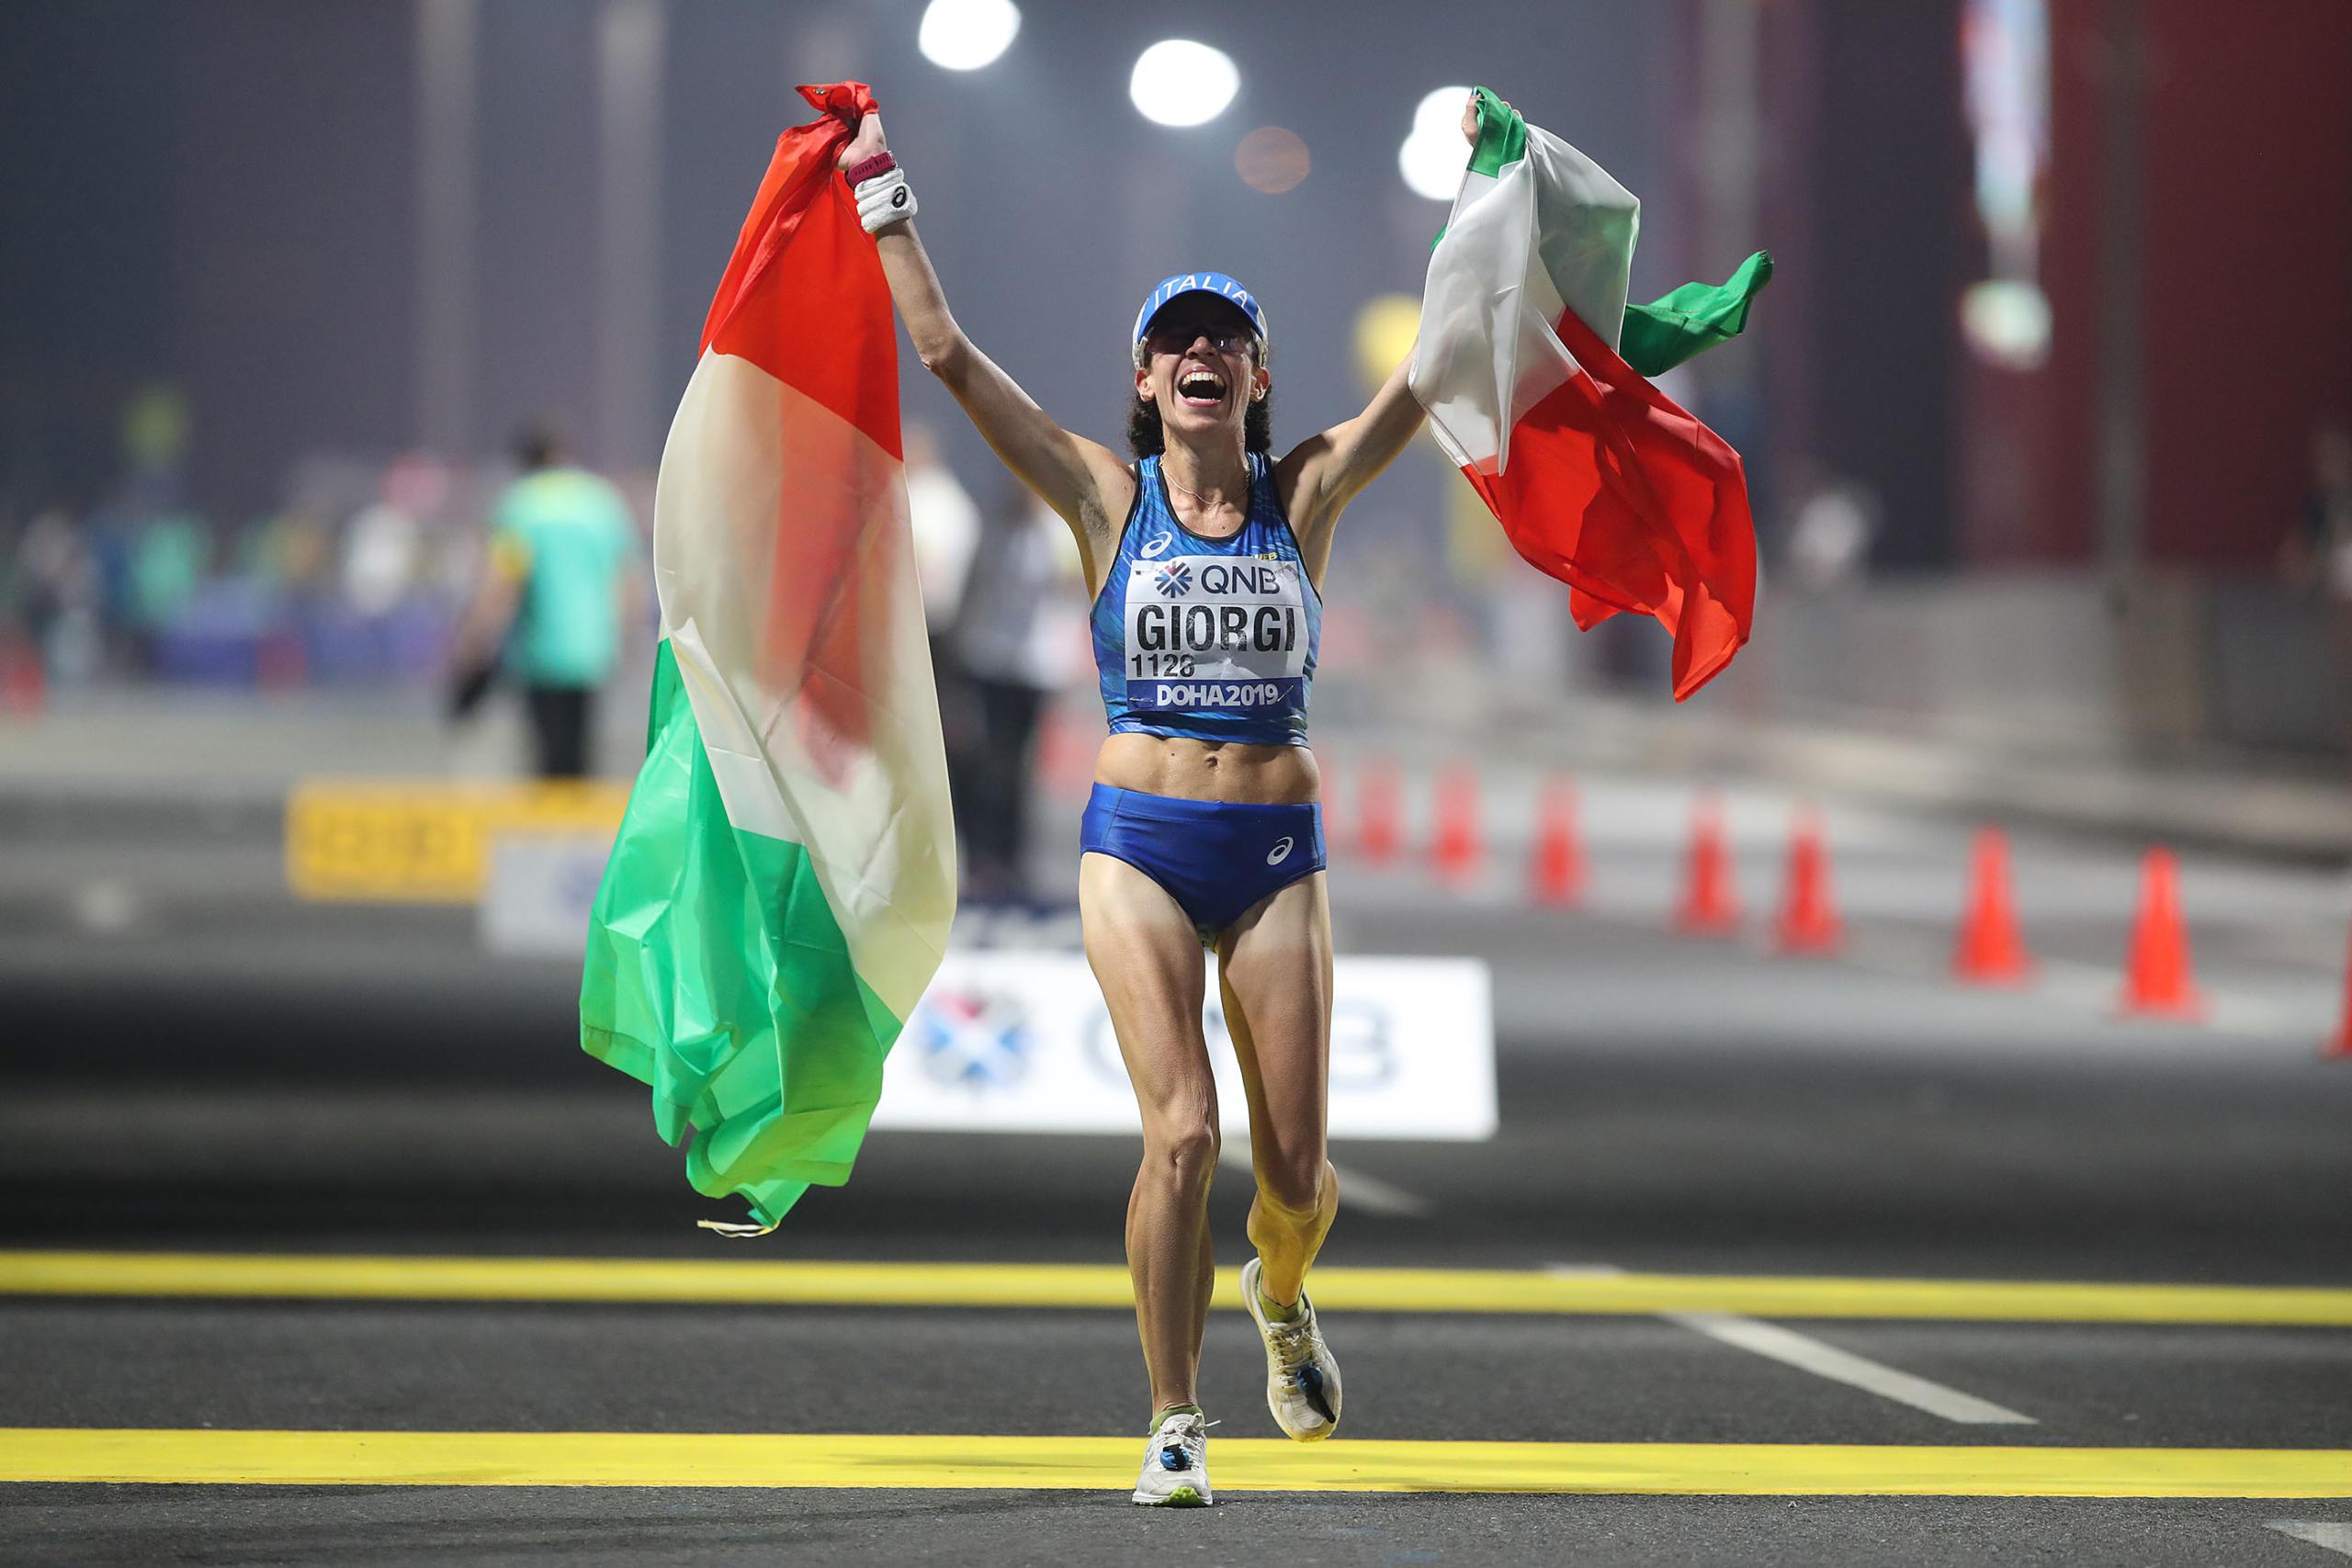 Atletica |  parte la stagione indoor |  tanti italiani in gara nel weekend |  Eleonora Giorgi nella 35 km di marcia